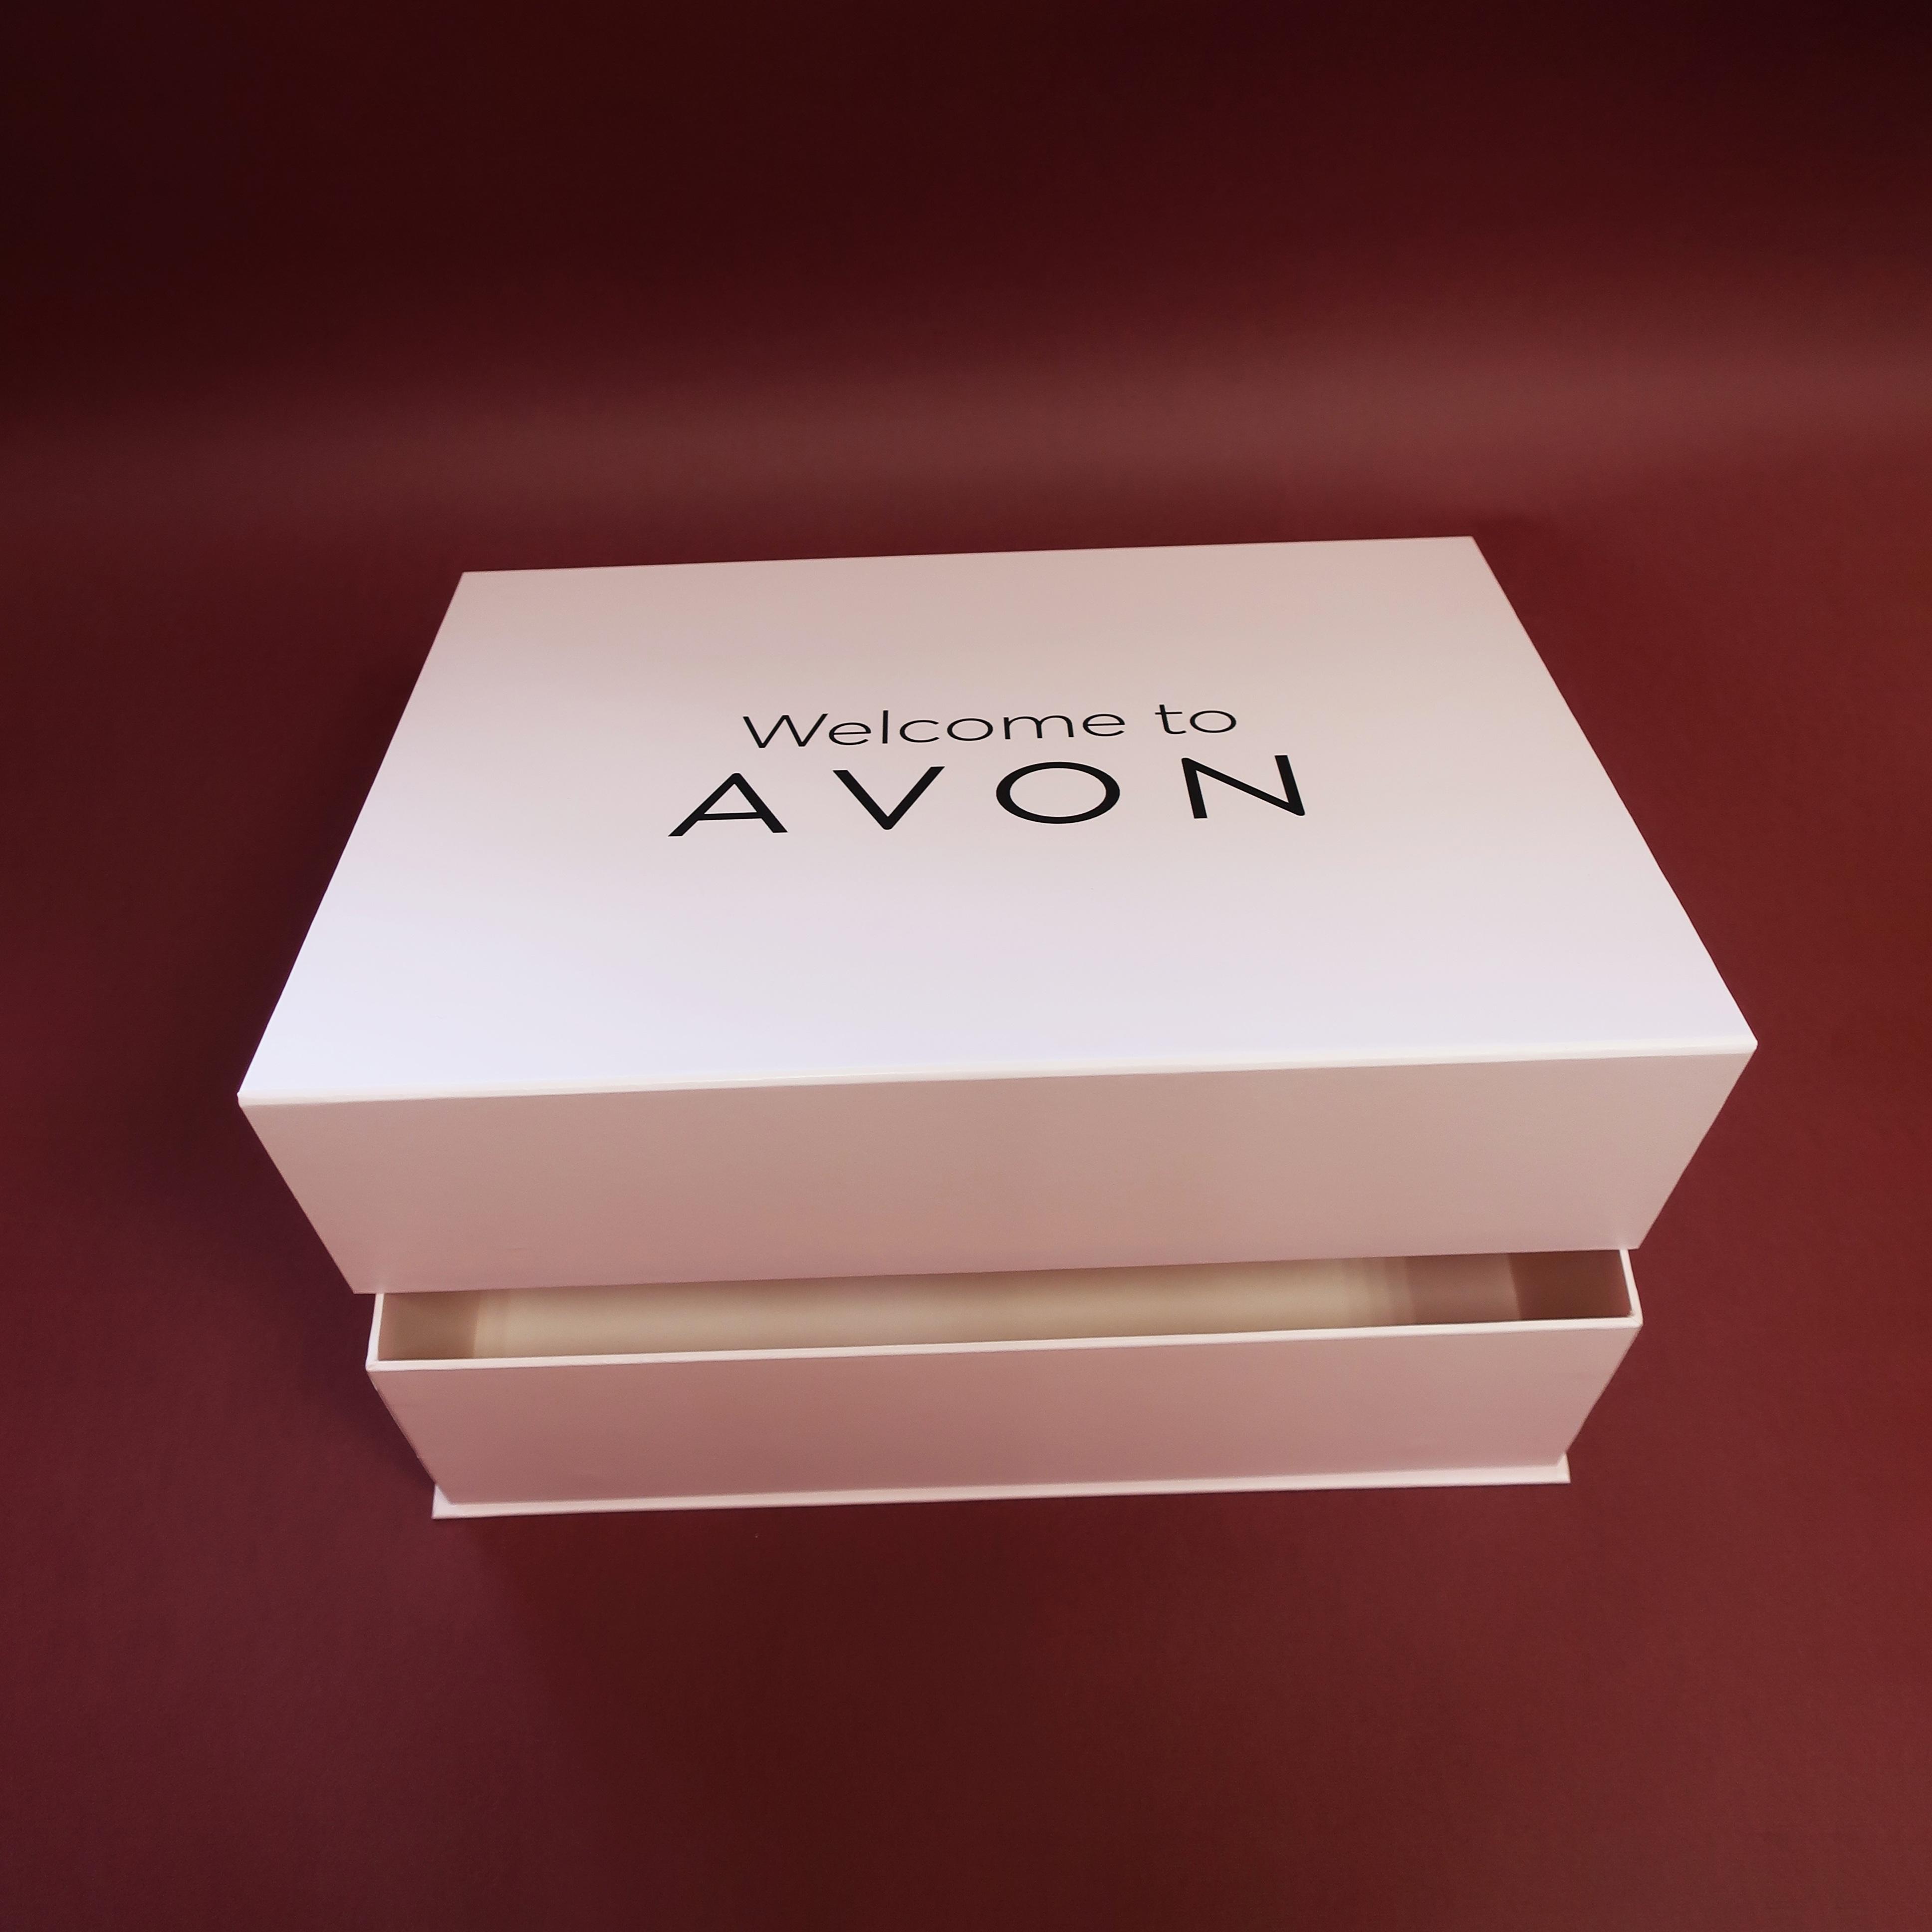 Упаковочная коробка для Avon